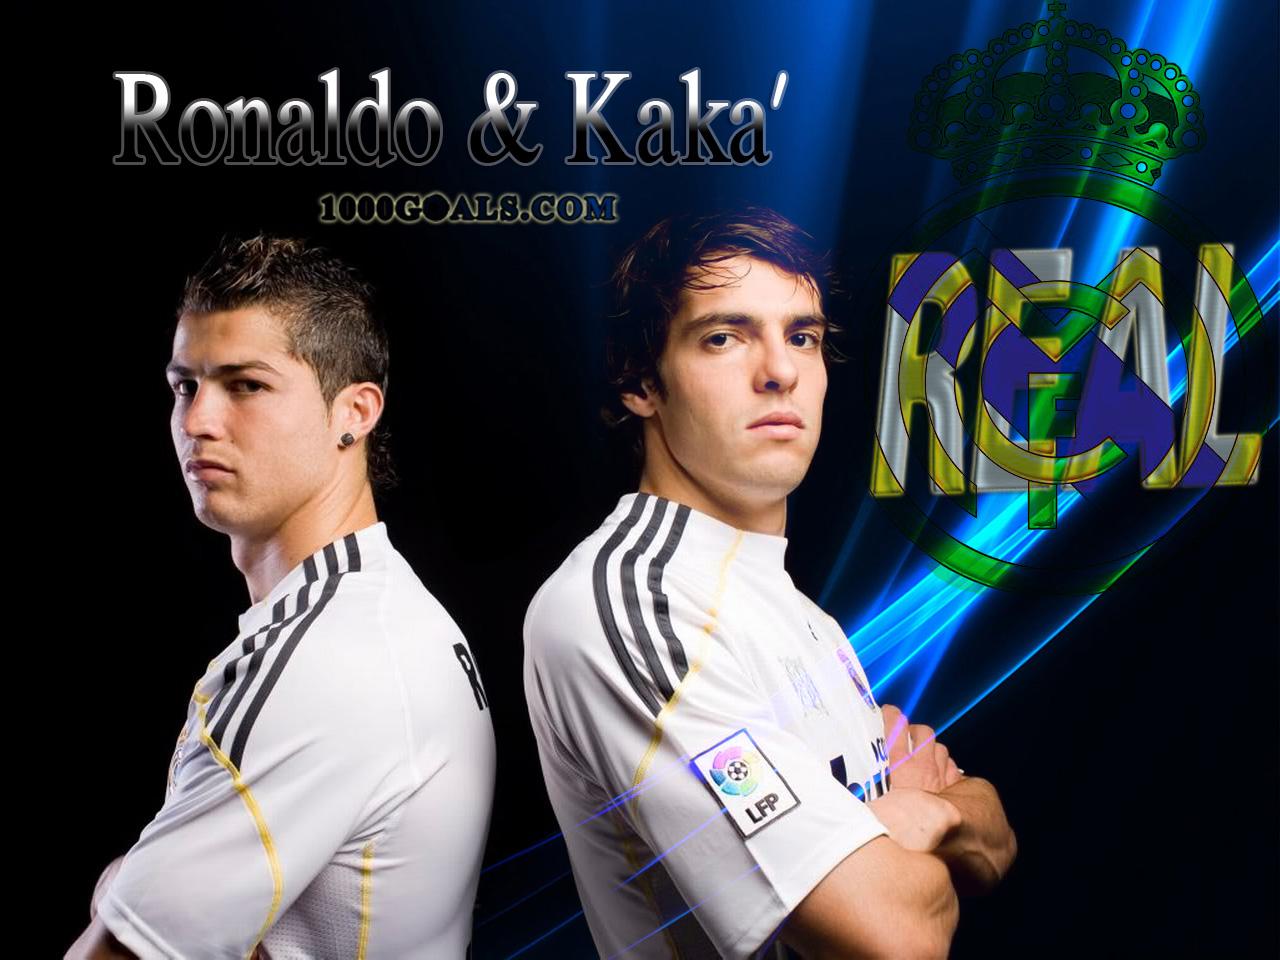 http://1.bp.blogspot.com/-qEz1mOMp2Sw/TfQ0XpPObJI/AAAAAAAAAzA/qrKvE8cIbTQ/s1600/Cristiano-Ronaldo-Real-Madrid-05.jpg